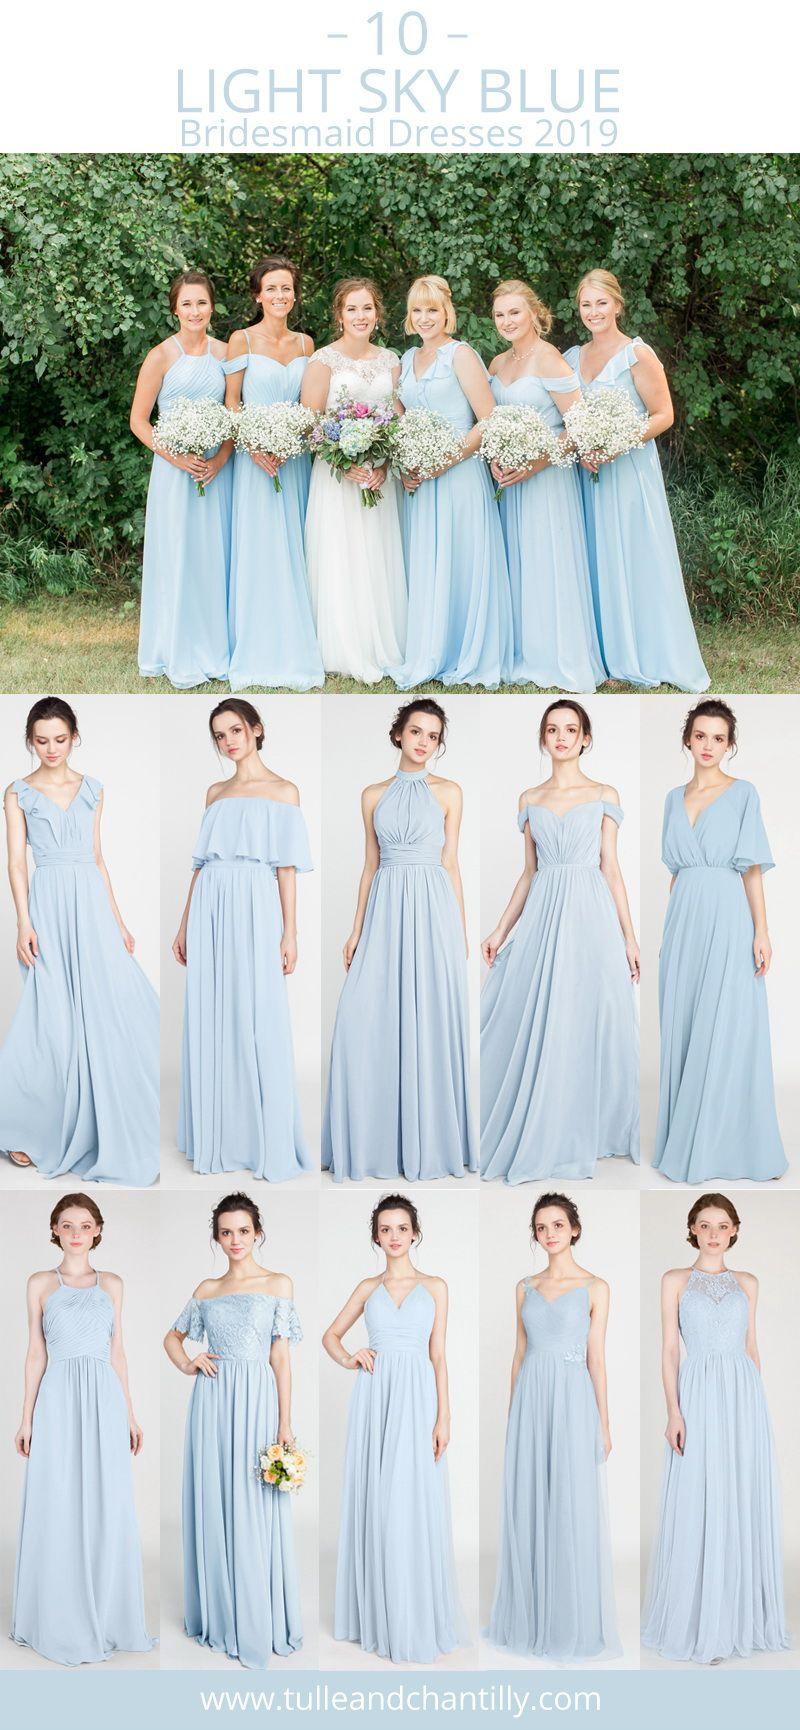 Top 10 Light Sky Blue Bridesmaid Dresses For Wedding Season 2019 Wedding Wedd Sky Blue Bridesmaid Dresses Blue Bridesmaid Dresses Short Light Blue Bridesmaid